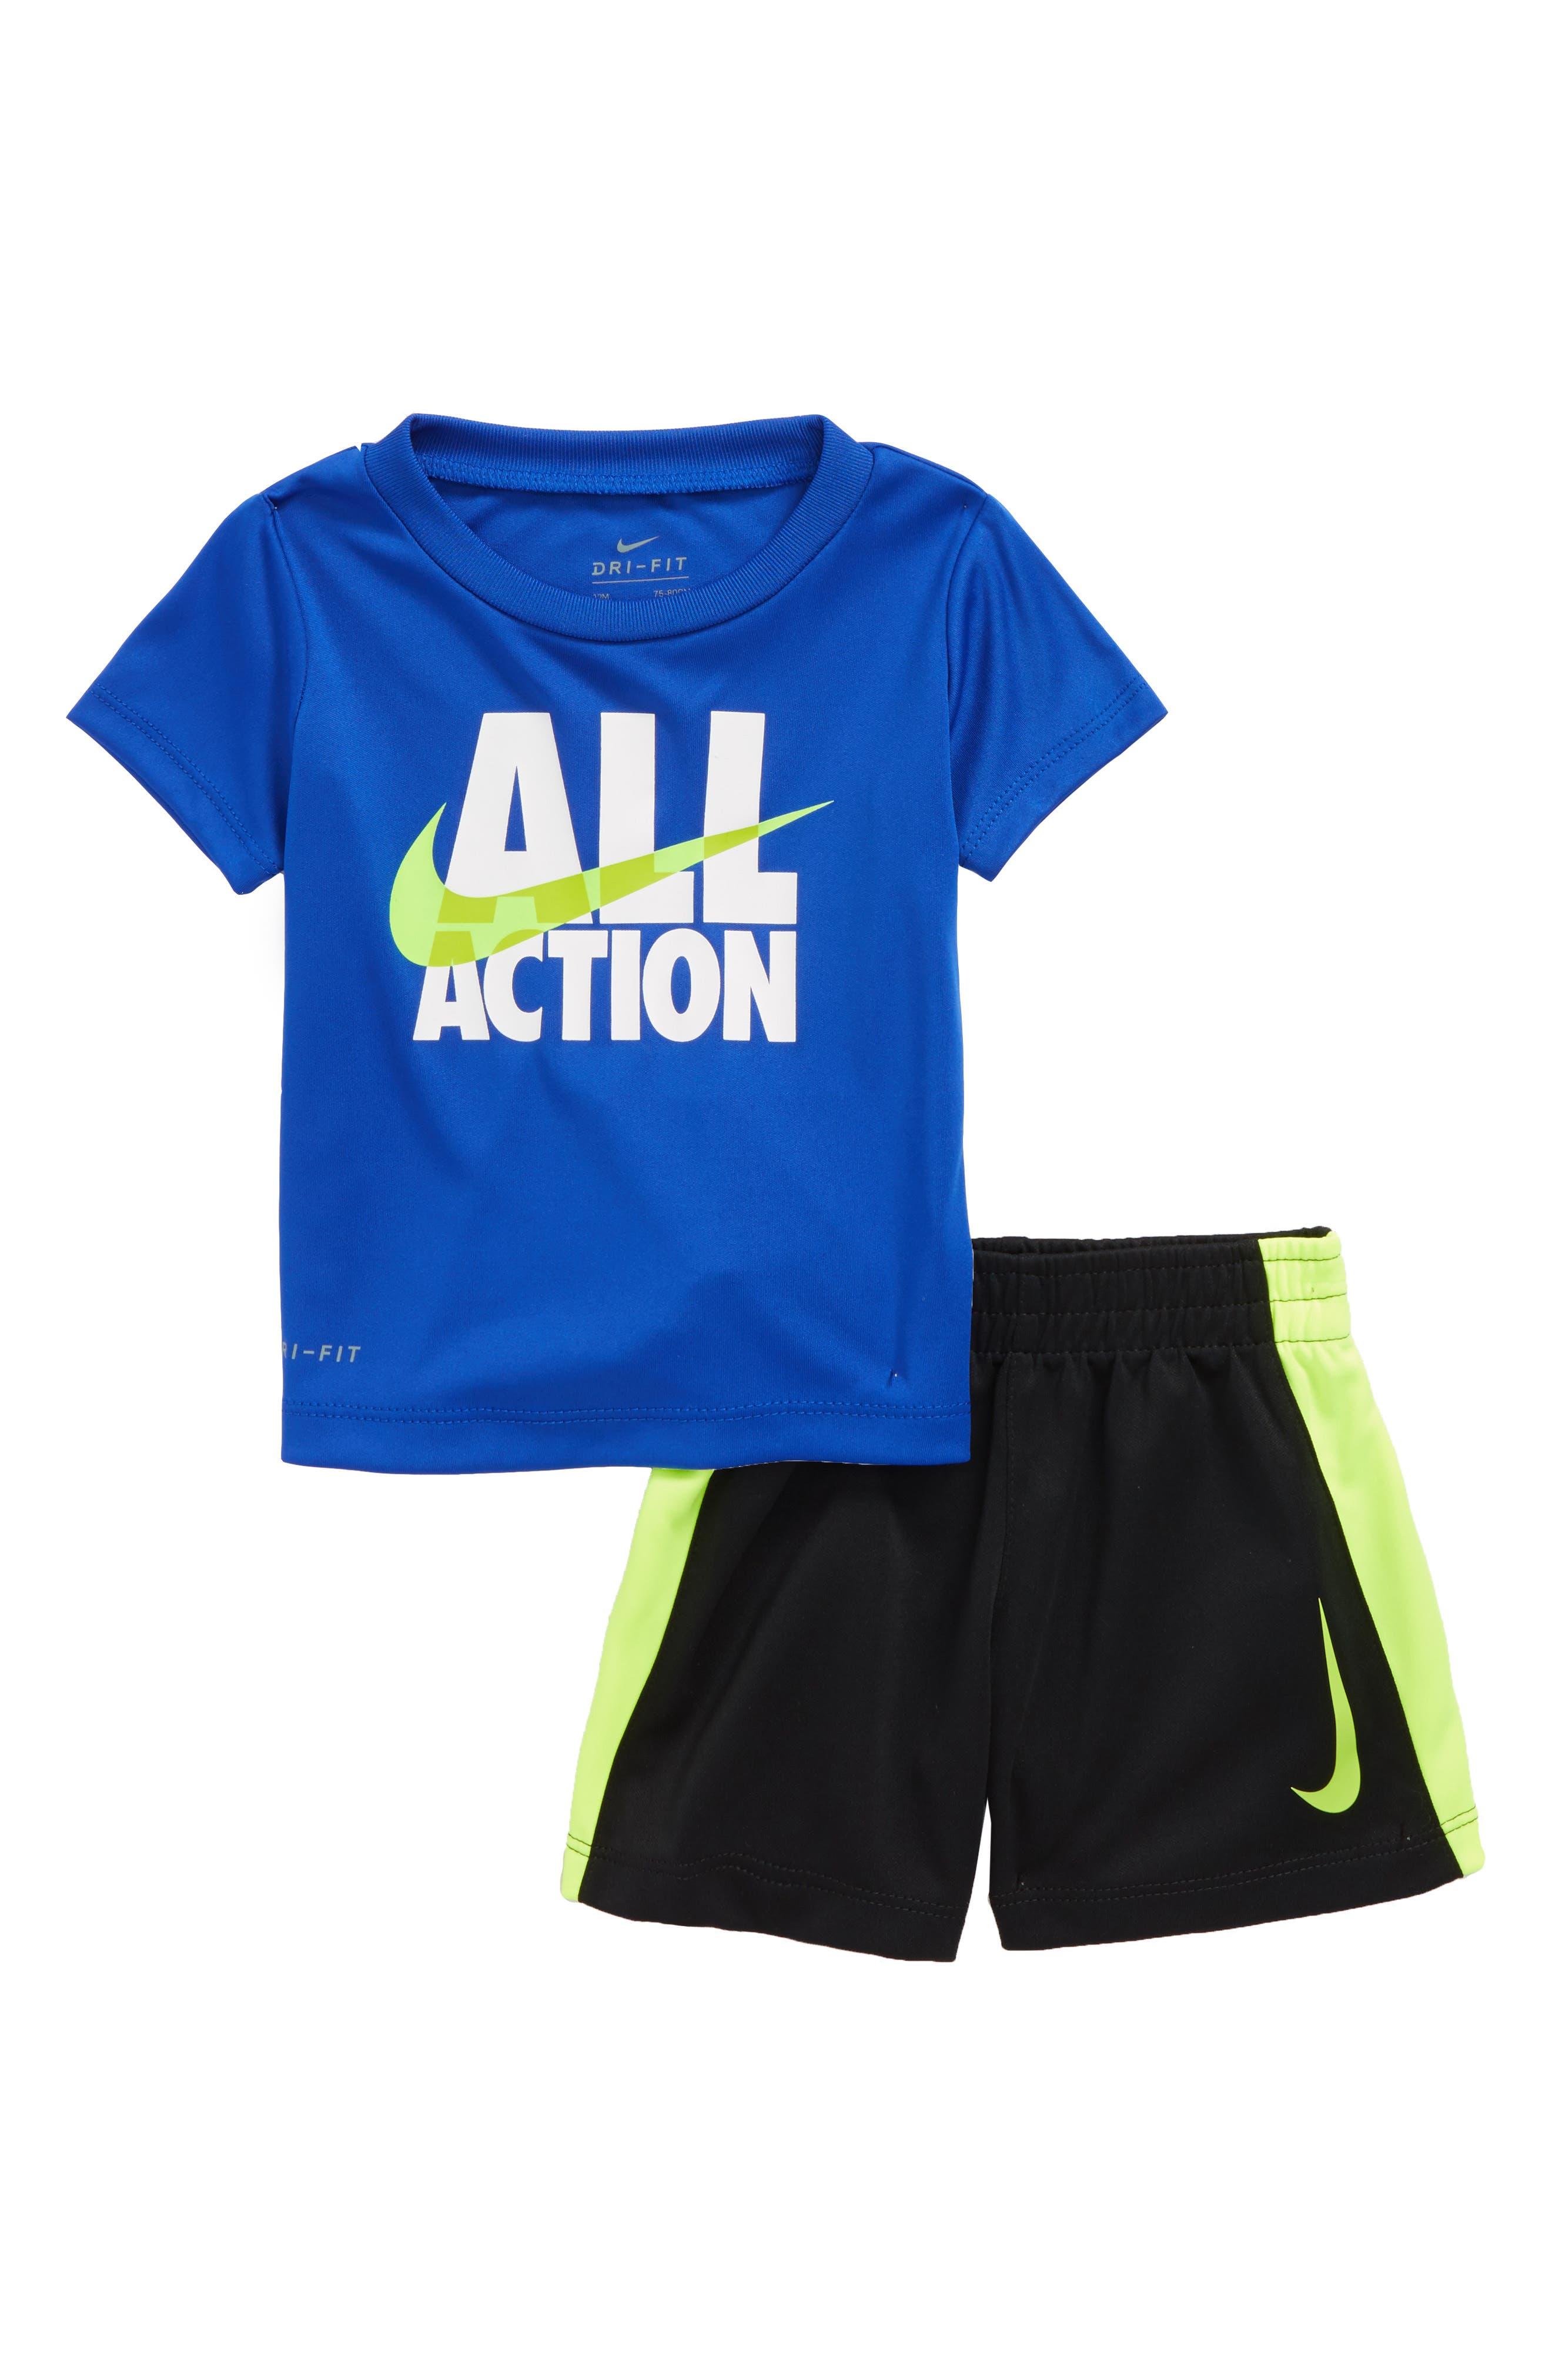 All Action Dry T-Shirt & Shorts Set,                             Main thumbnail 1, color,                             Hyper Royal